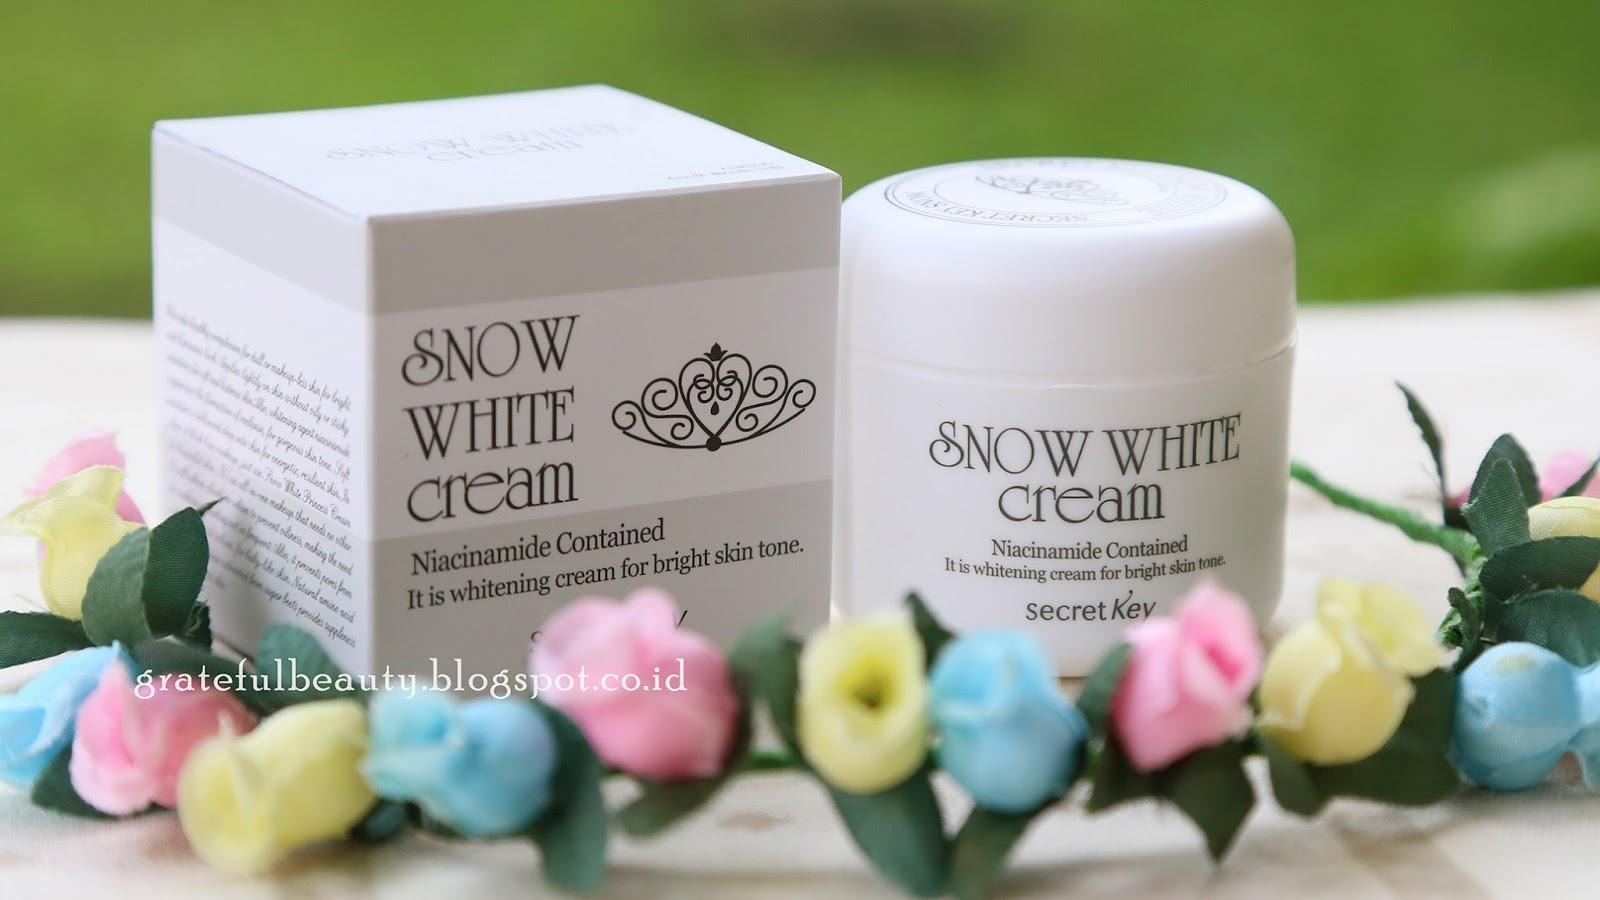 Skincare Review Secret Key Snow White Cream Kornelia Luciana Mengandung Niacinamide Yang Katanya Salah Satu Kandungan Cukup Ampuh Untuk Membuat Kulit Jadi Putih Mencerahkan Wajah